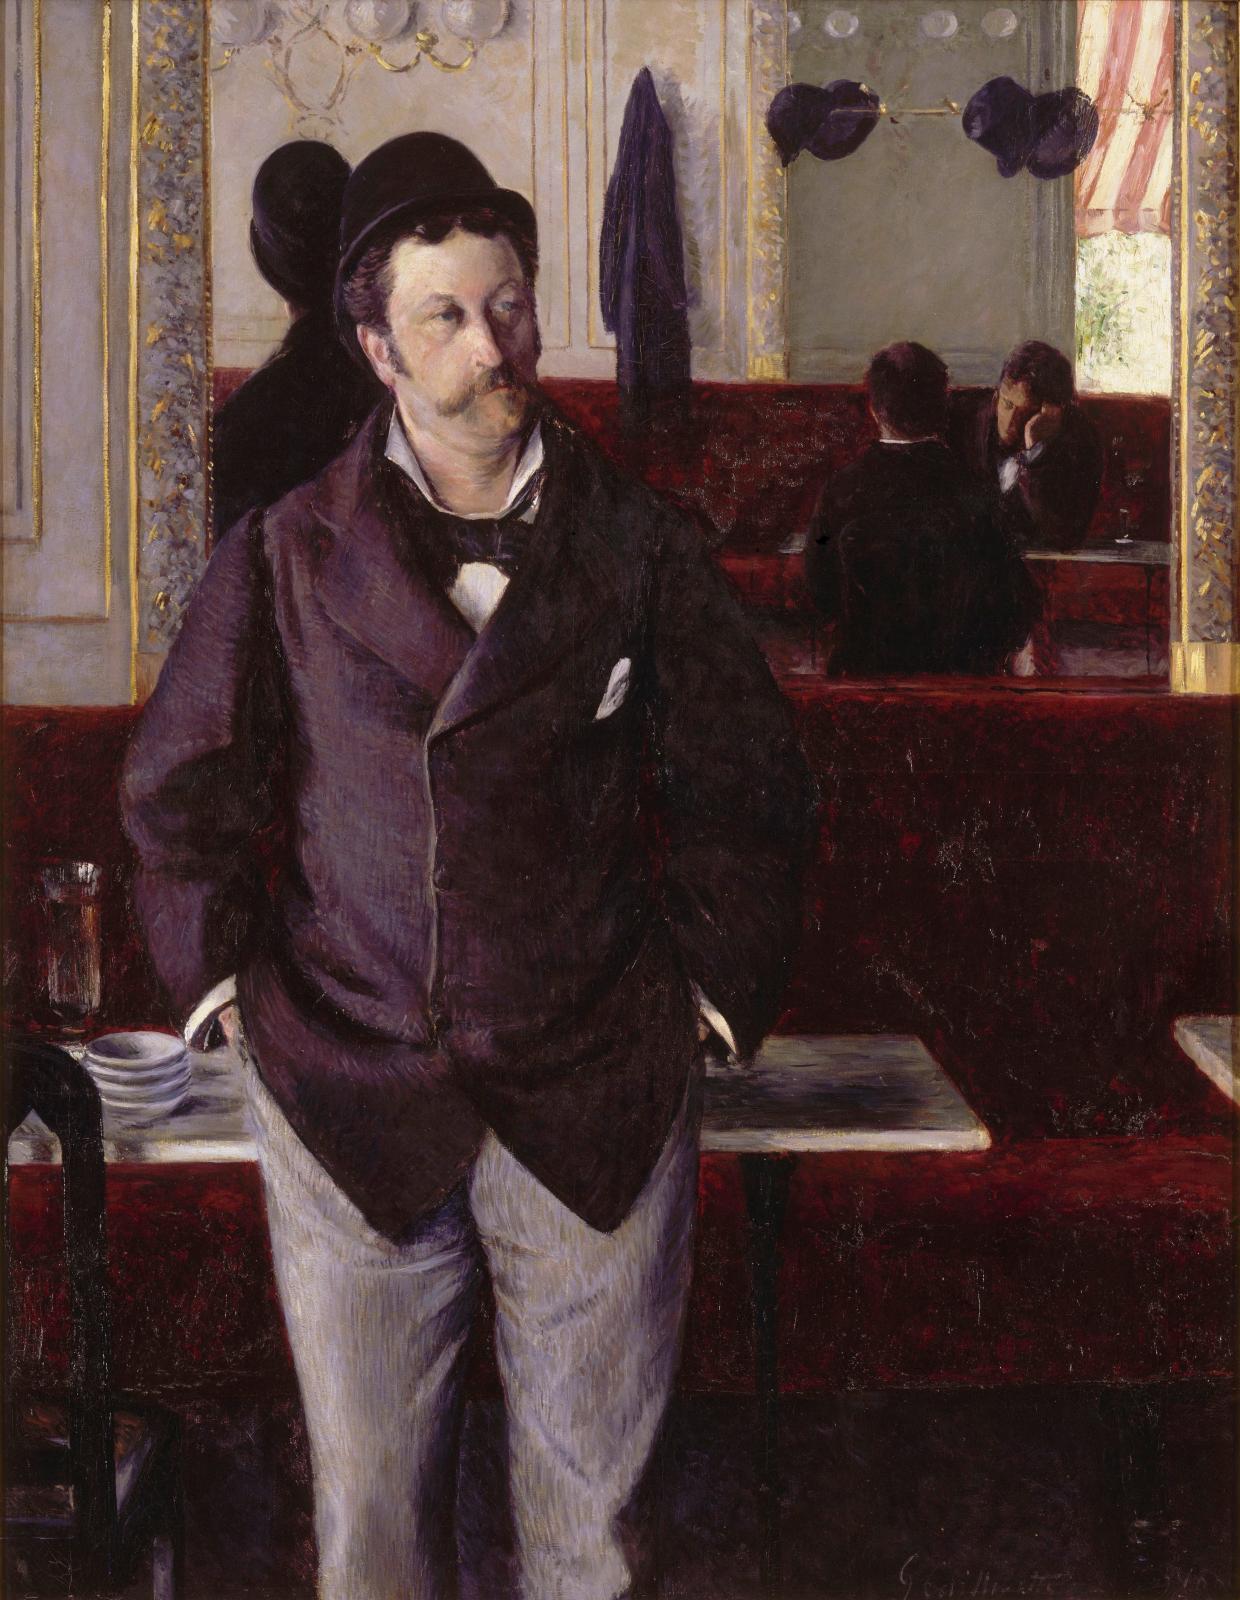 Gustave Caillebotte, Au café, 1880, huile sur toile, 155 x 115 cm, musée des beaux-arts de Rouen, dépôt du musée d'Orsay.© RMN, Grand Pal